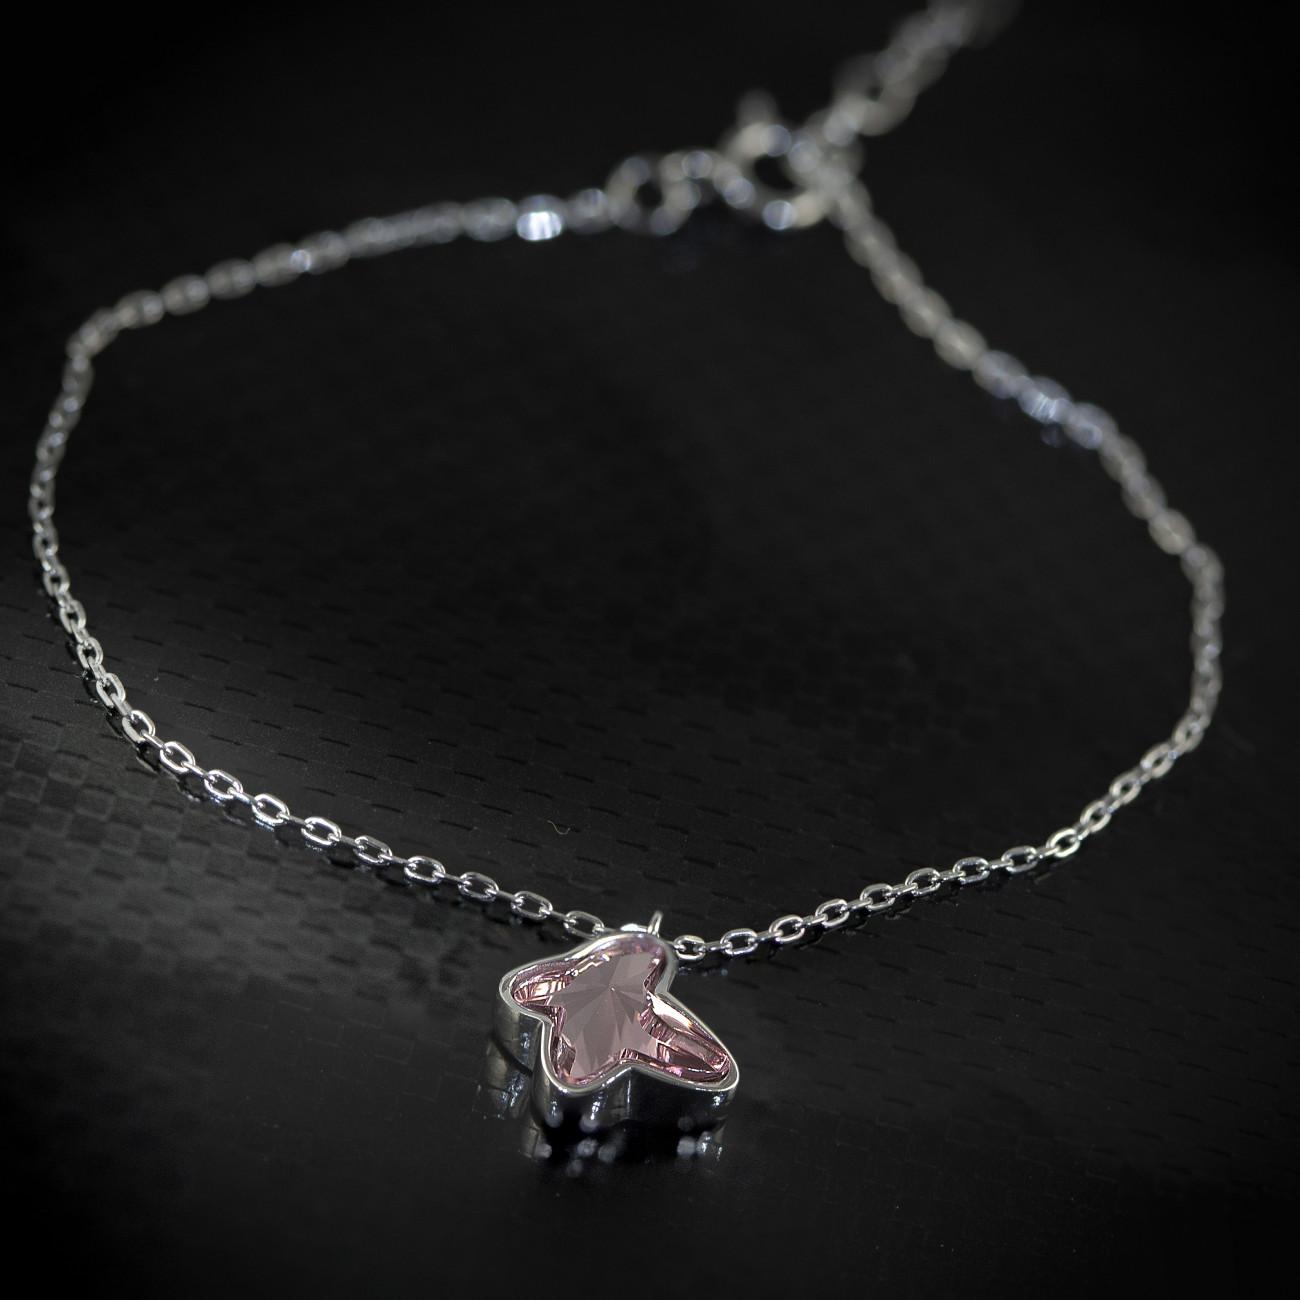 Stříbrný náramek Savour s pravým krystalem Swarovski - light rose butterfly